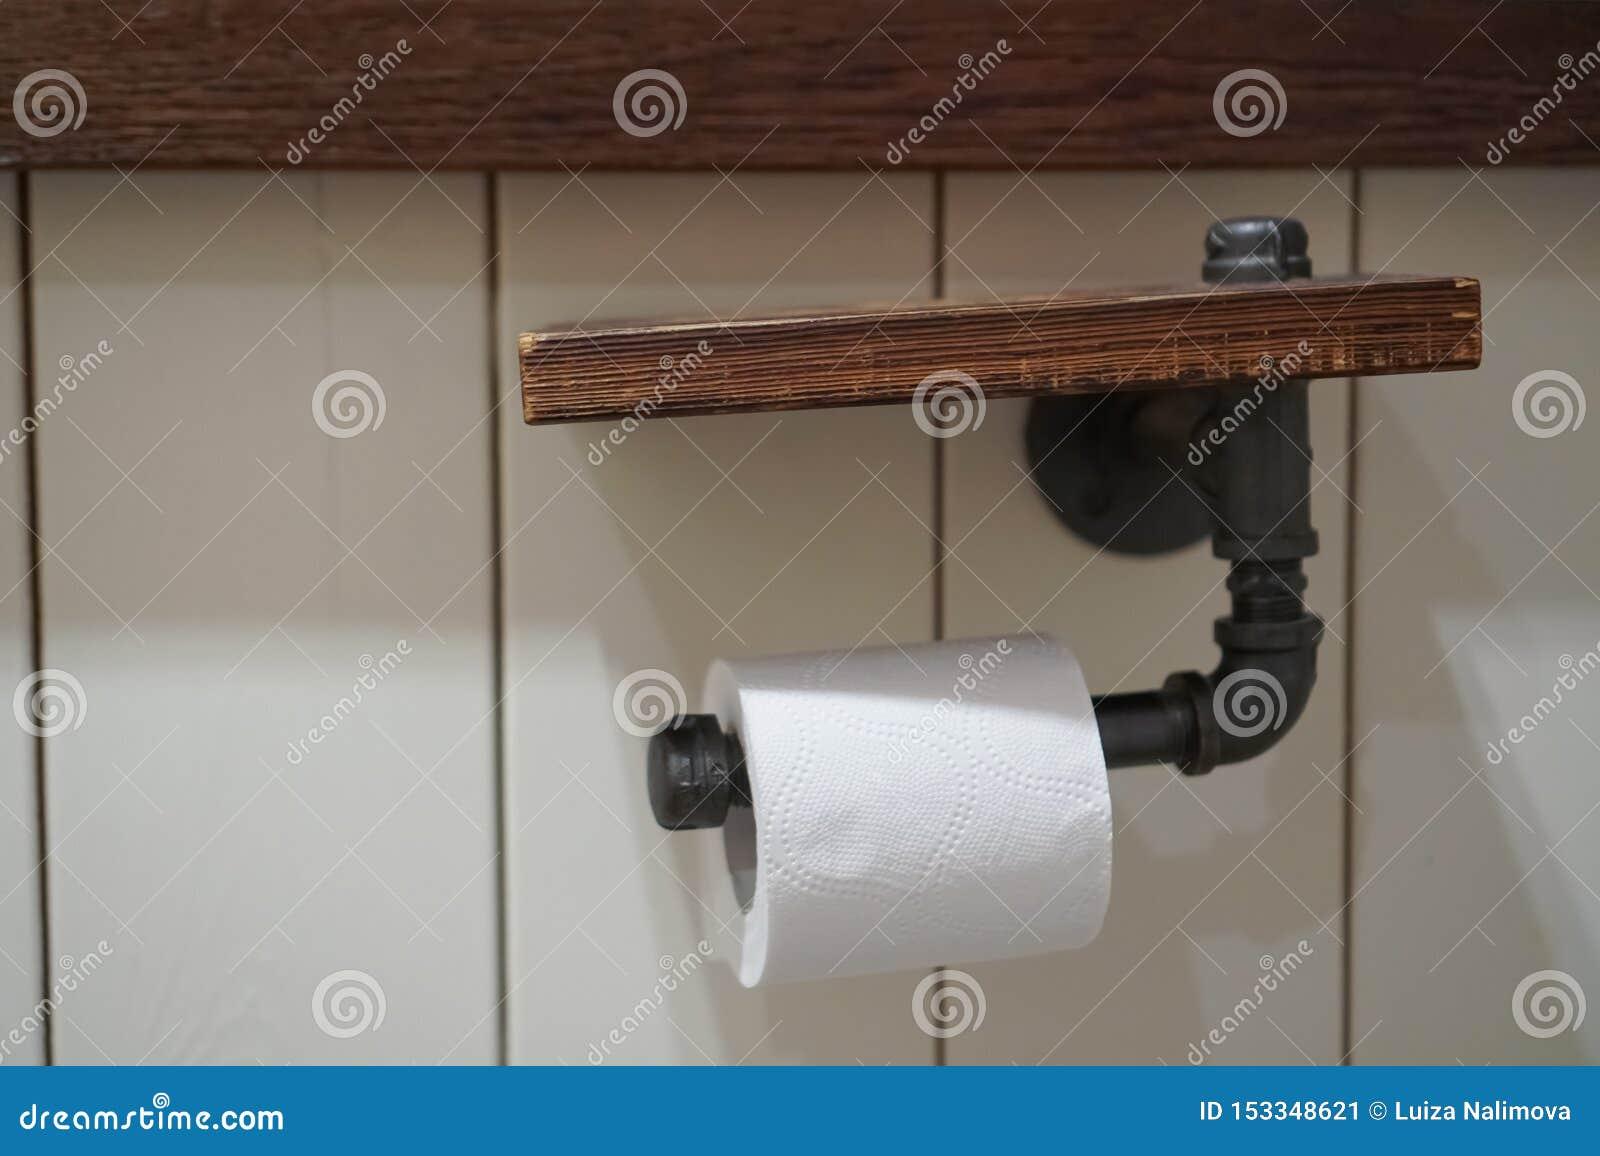 Condizione del distributore di carta igienica isolata su fondo bianco carta igienica sul supporto della parete